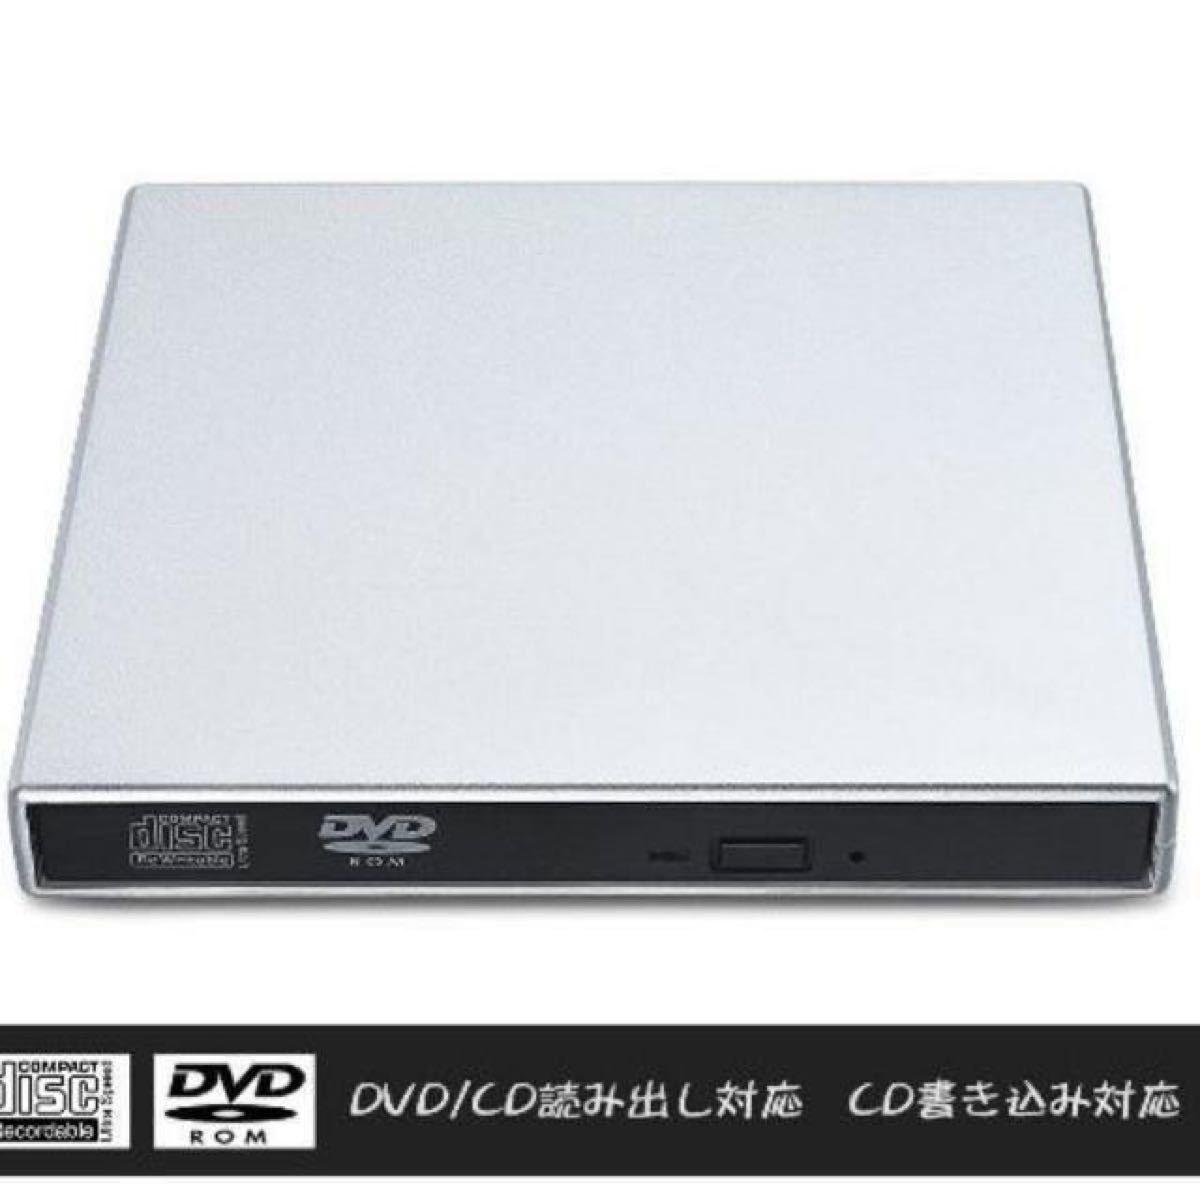 USB3.0 ポータブル 外付けDVDドライブ BUFFALO